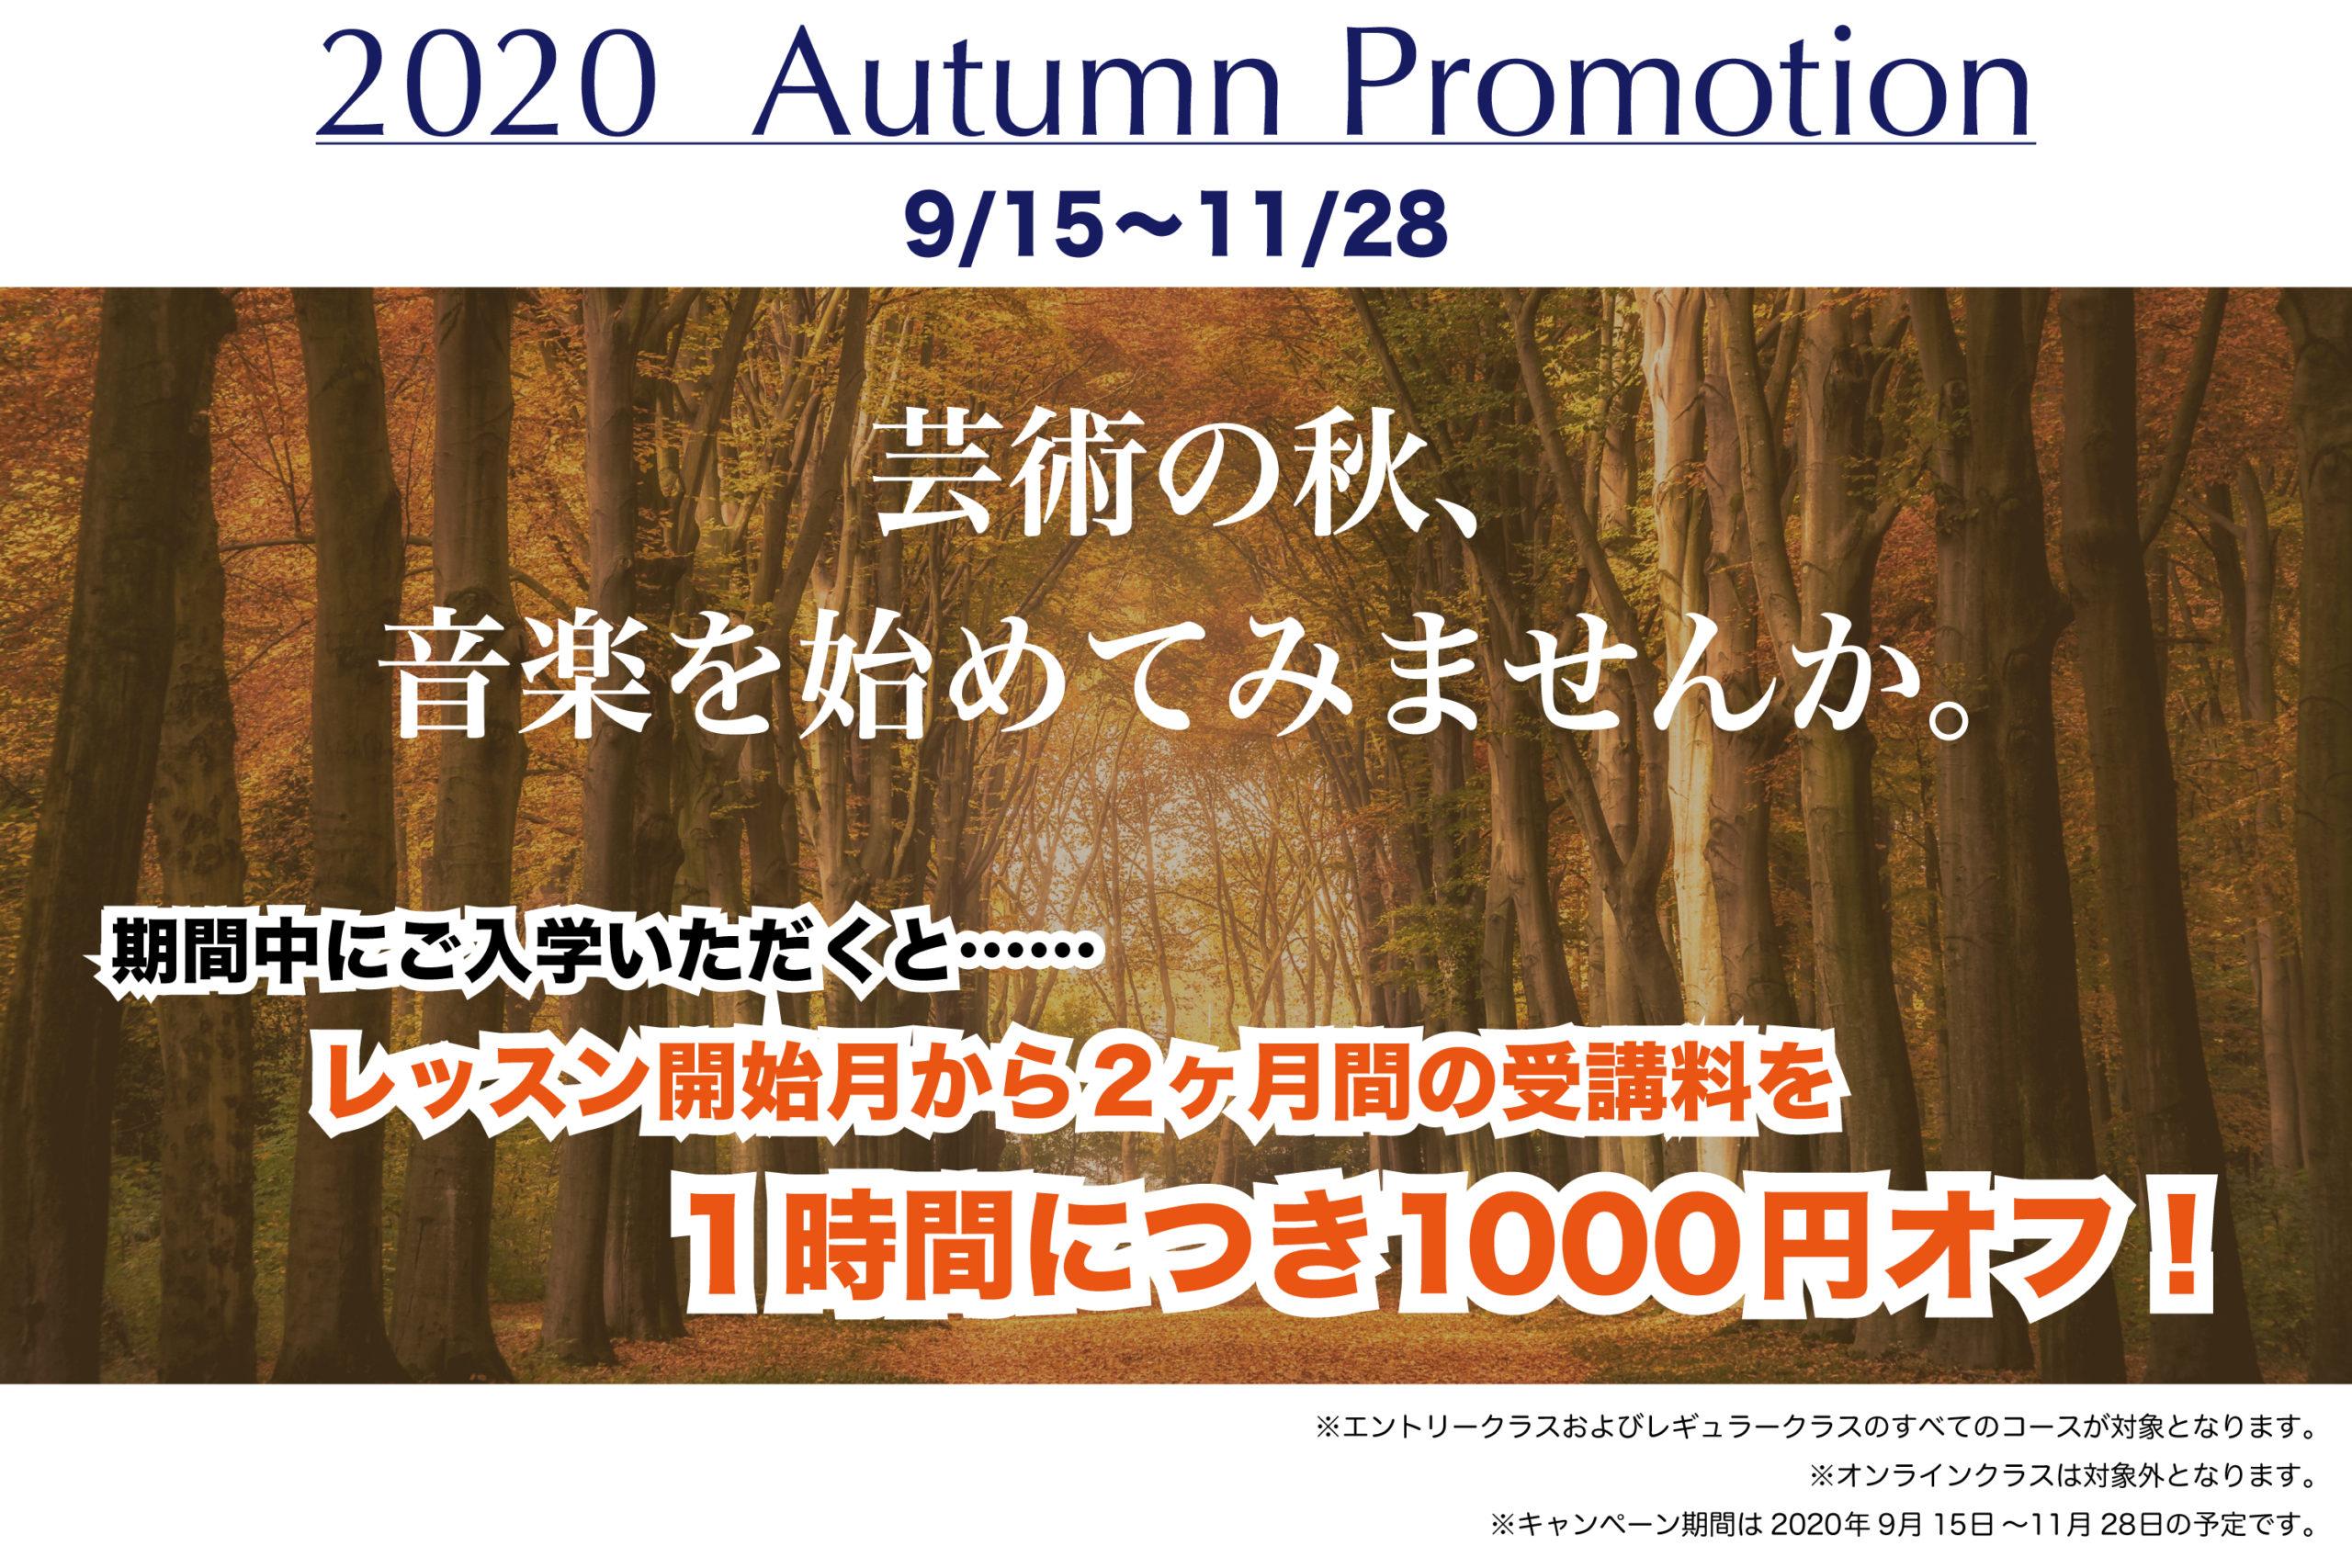 芸術の秋キャンペーン